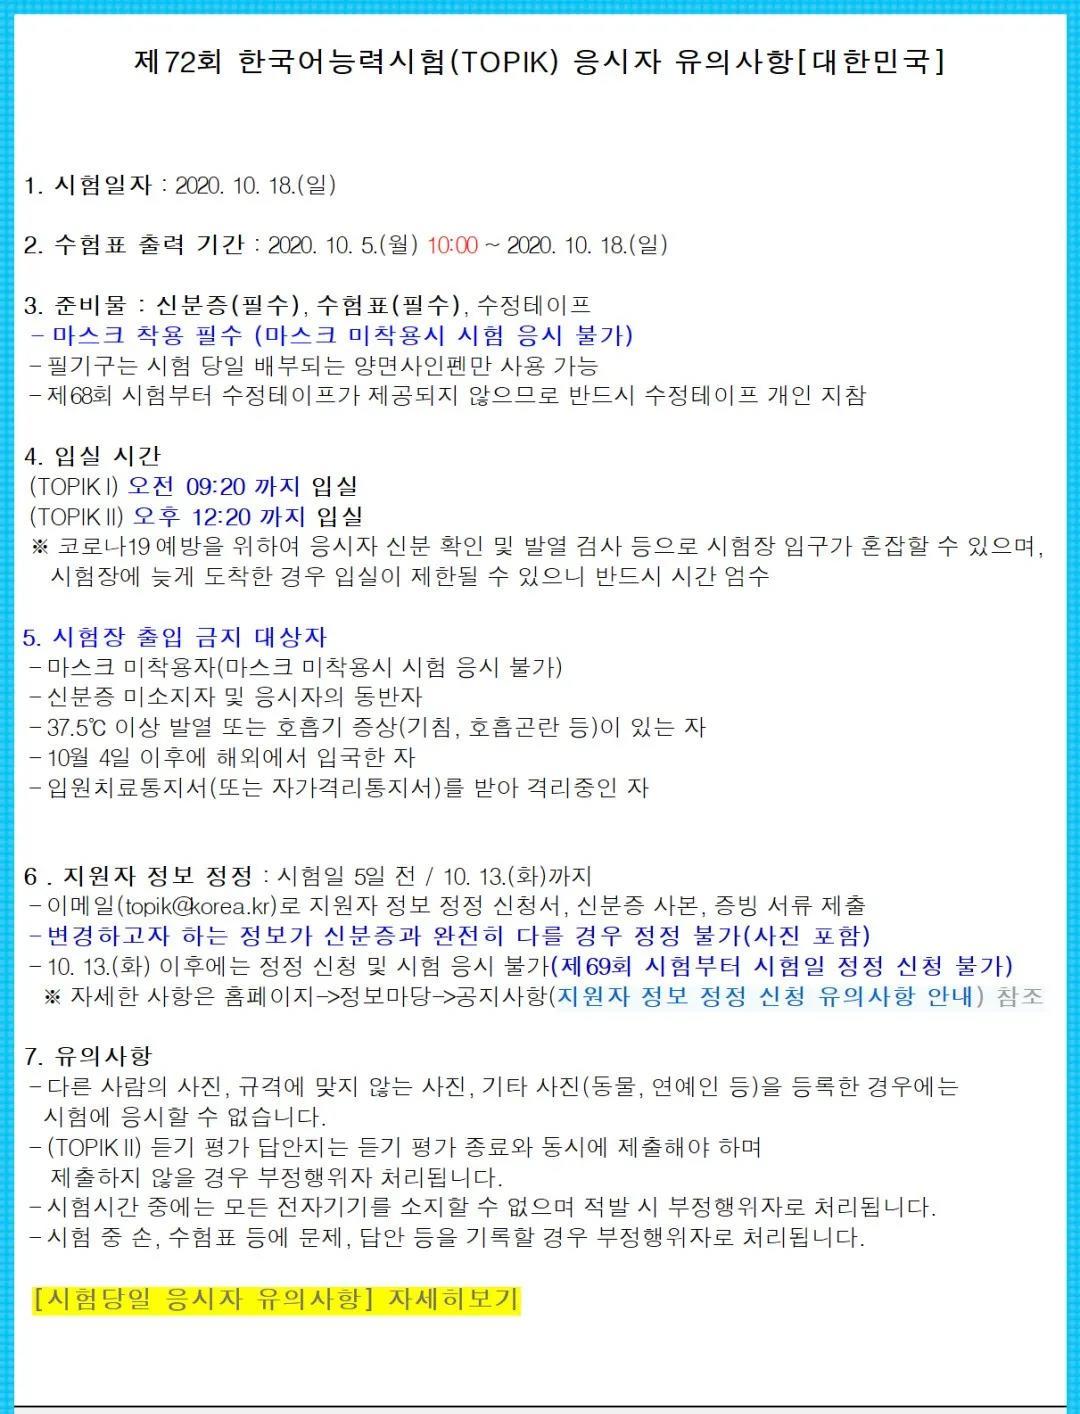 通知   TOPIK韩国官方公告72届考试注意事项!